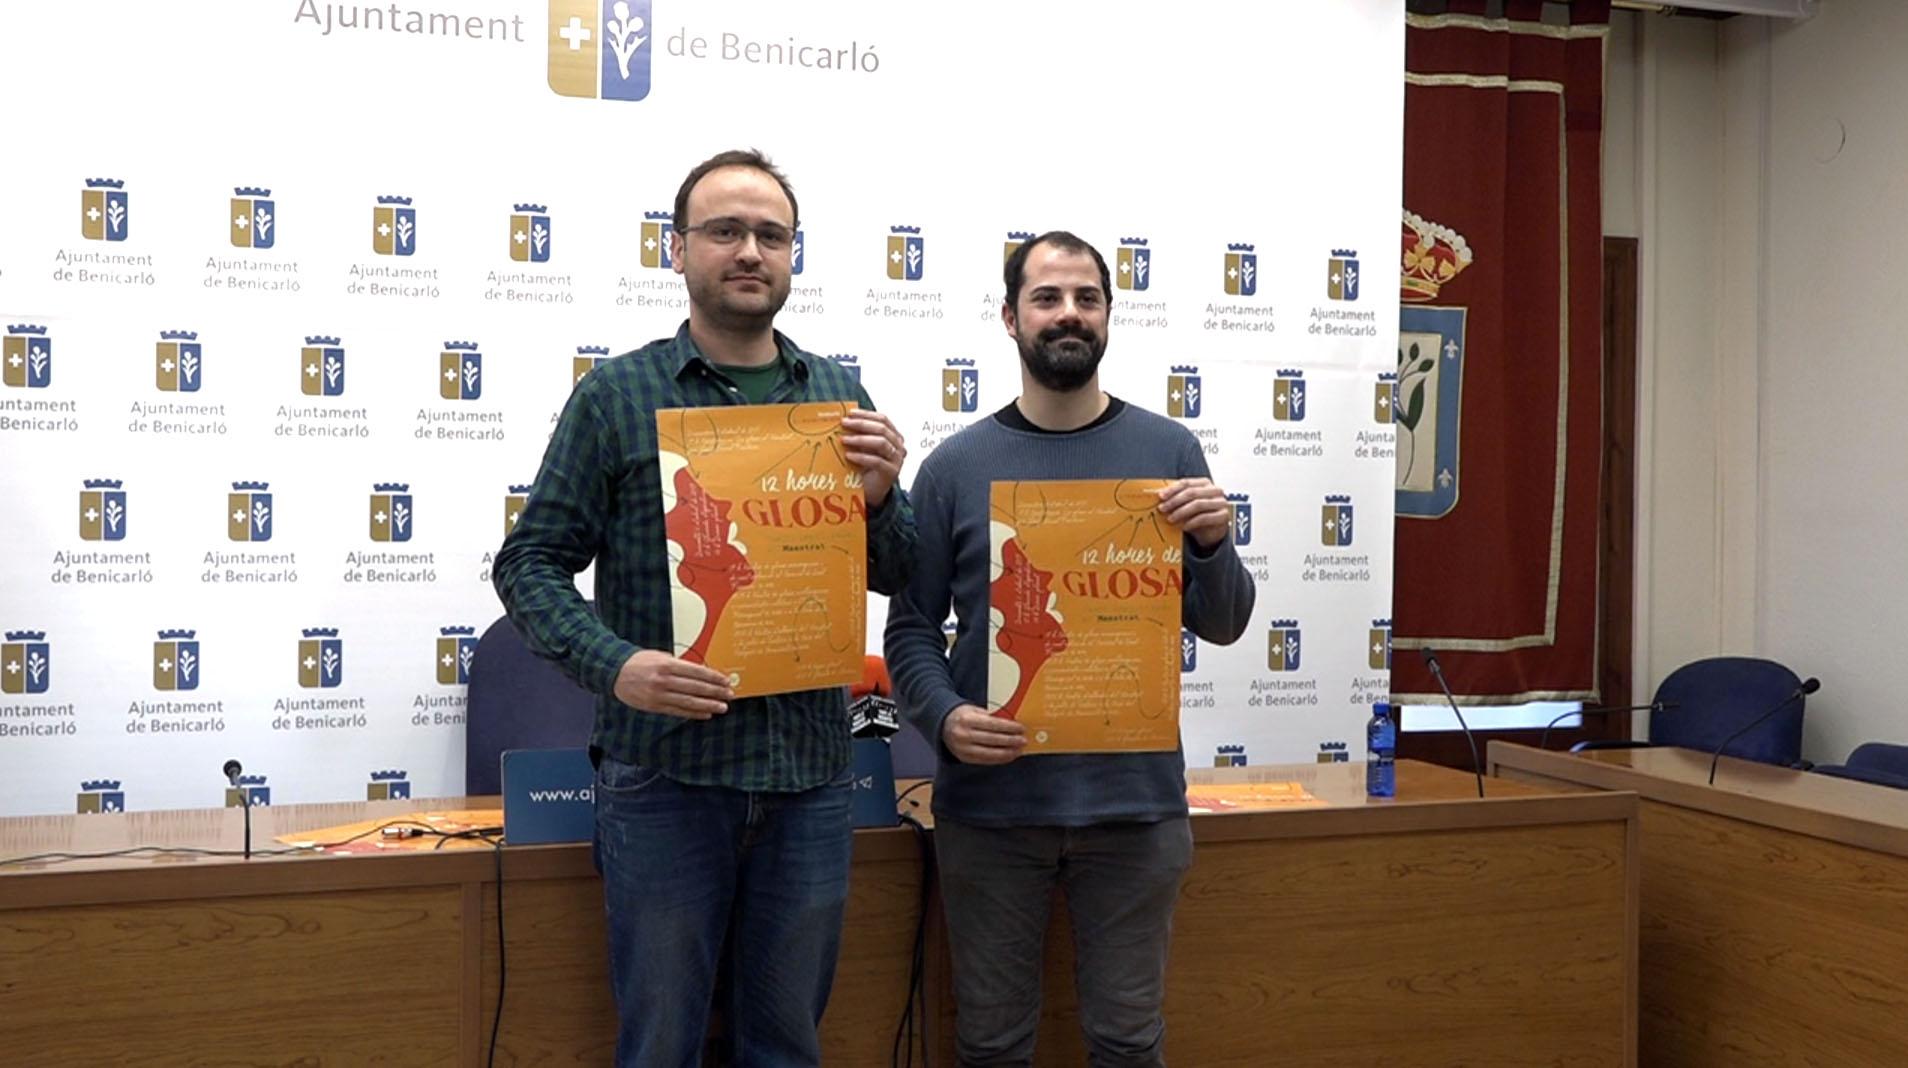 Benicarló es convertirà en la capital de la cançó improvisada els dies 5 i 6 d'abril